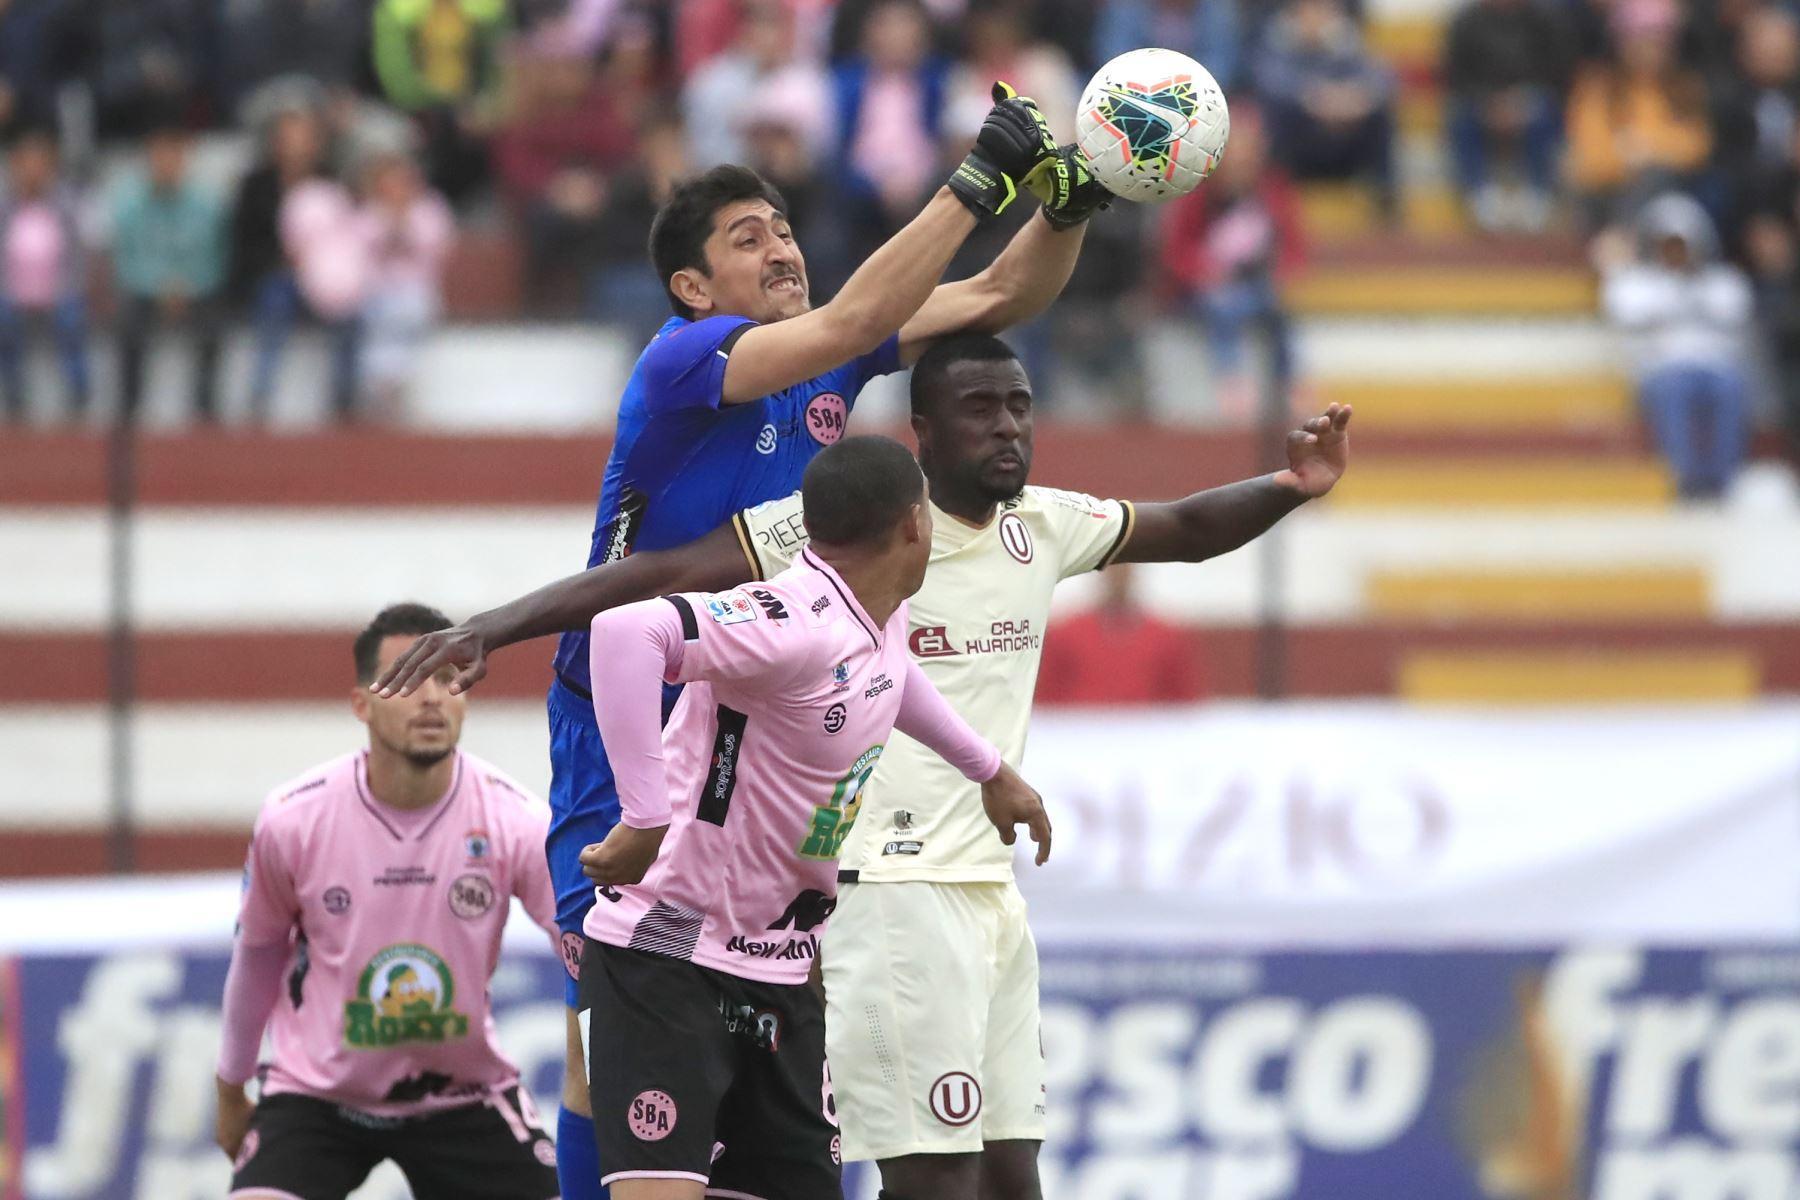 Jonathan Medina del Sport Boys rechaza el balón durante el partido ante Universitario en el estadio Miguel Grau del Callao.   Foto: Andina/Juan Carlos Guzmán Negrini